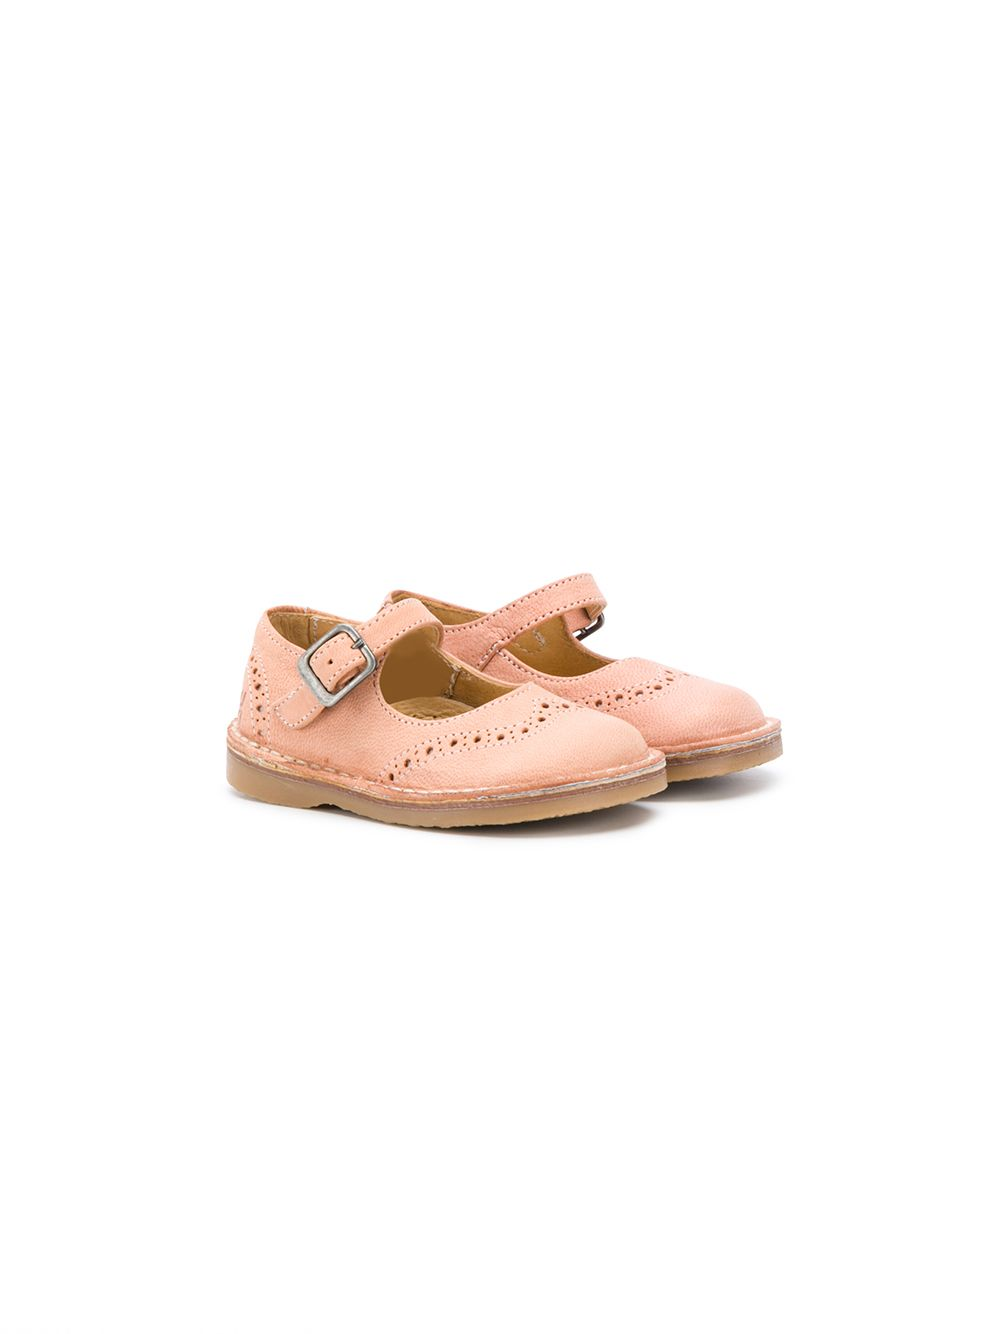 Douuod | Douuod Kids сандалии с пряжкой и перфорацией | Clouty